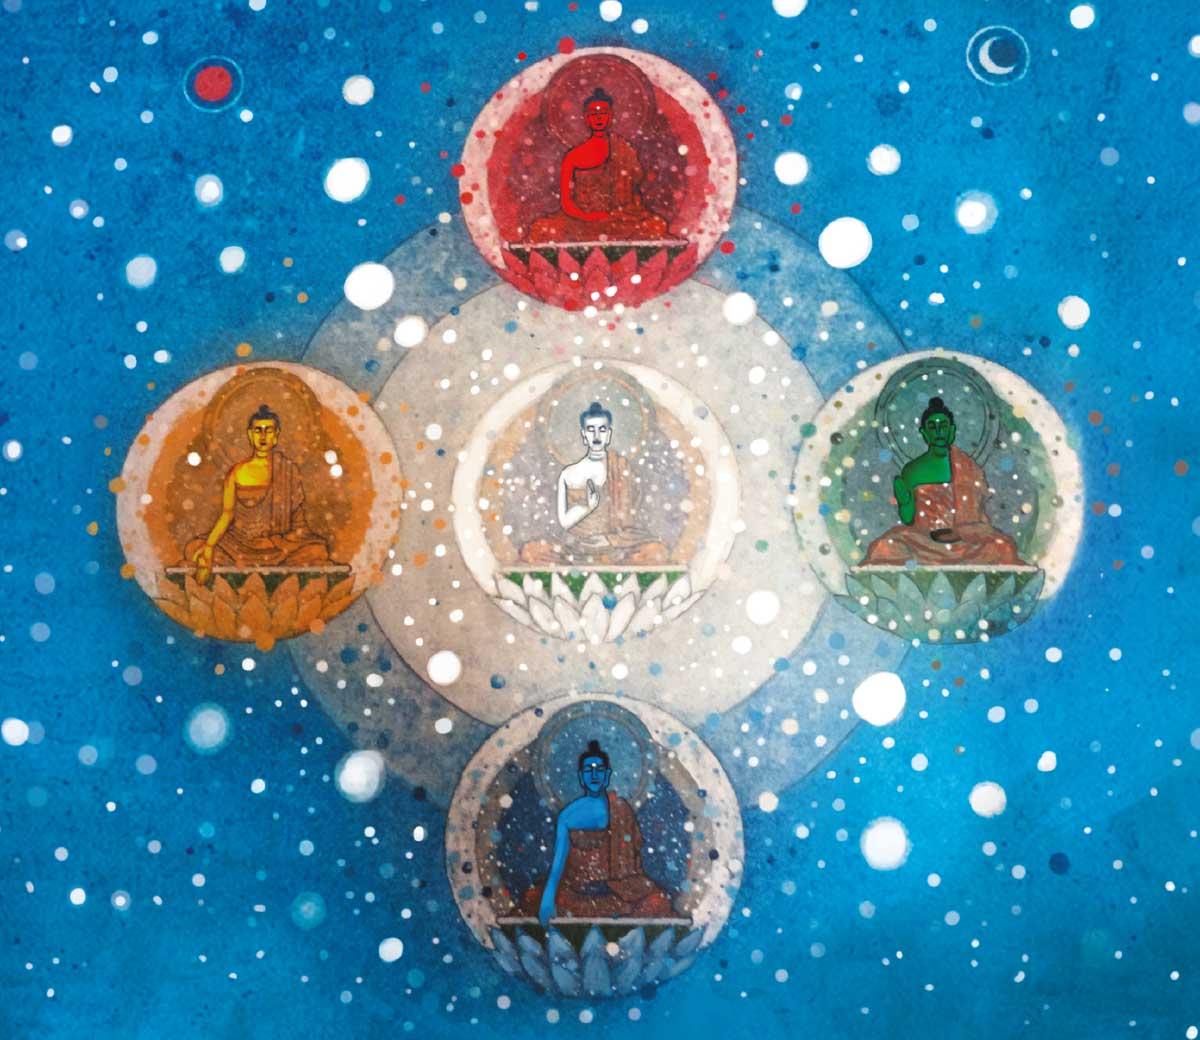 Representación moderna de la mándala tradicional de los cinco Jinas